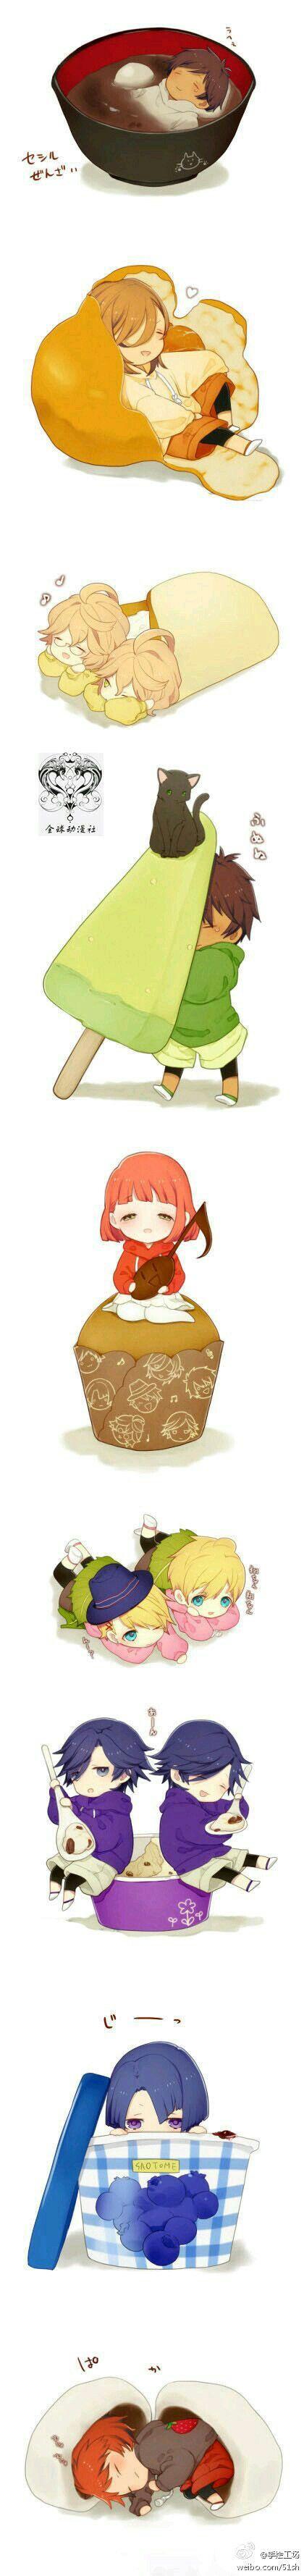 Mejores 445 imágenes de chibi en Pinterest | Arte de anime, Chibi ...